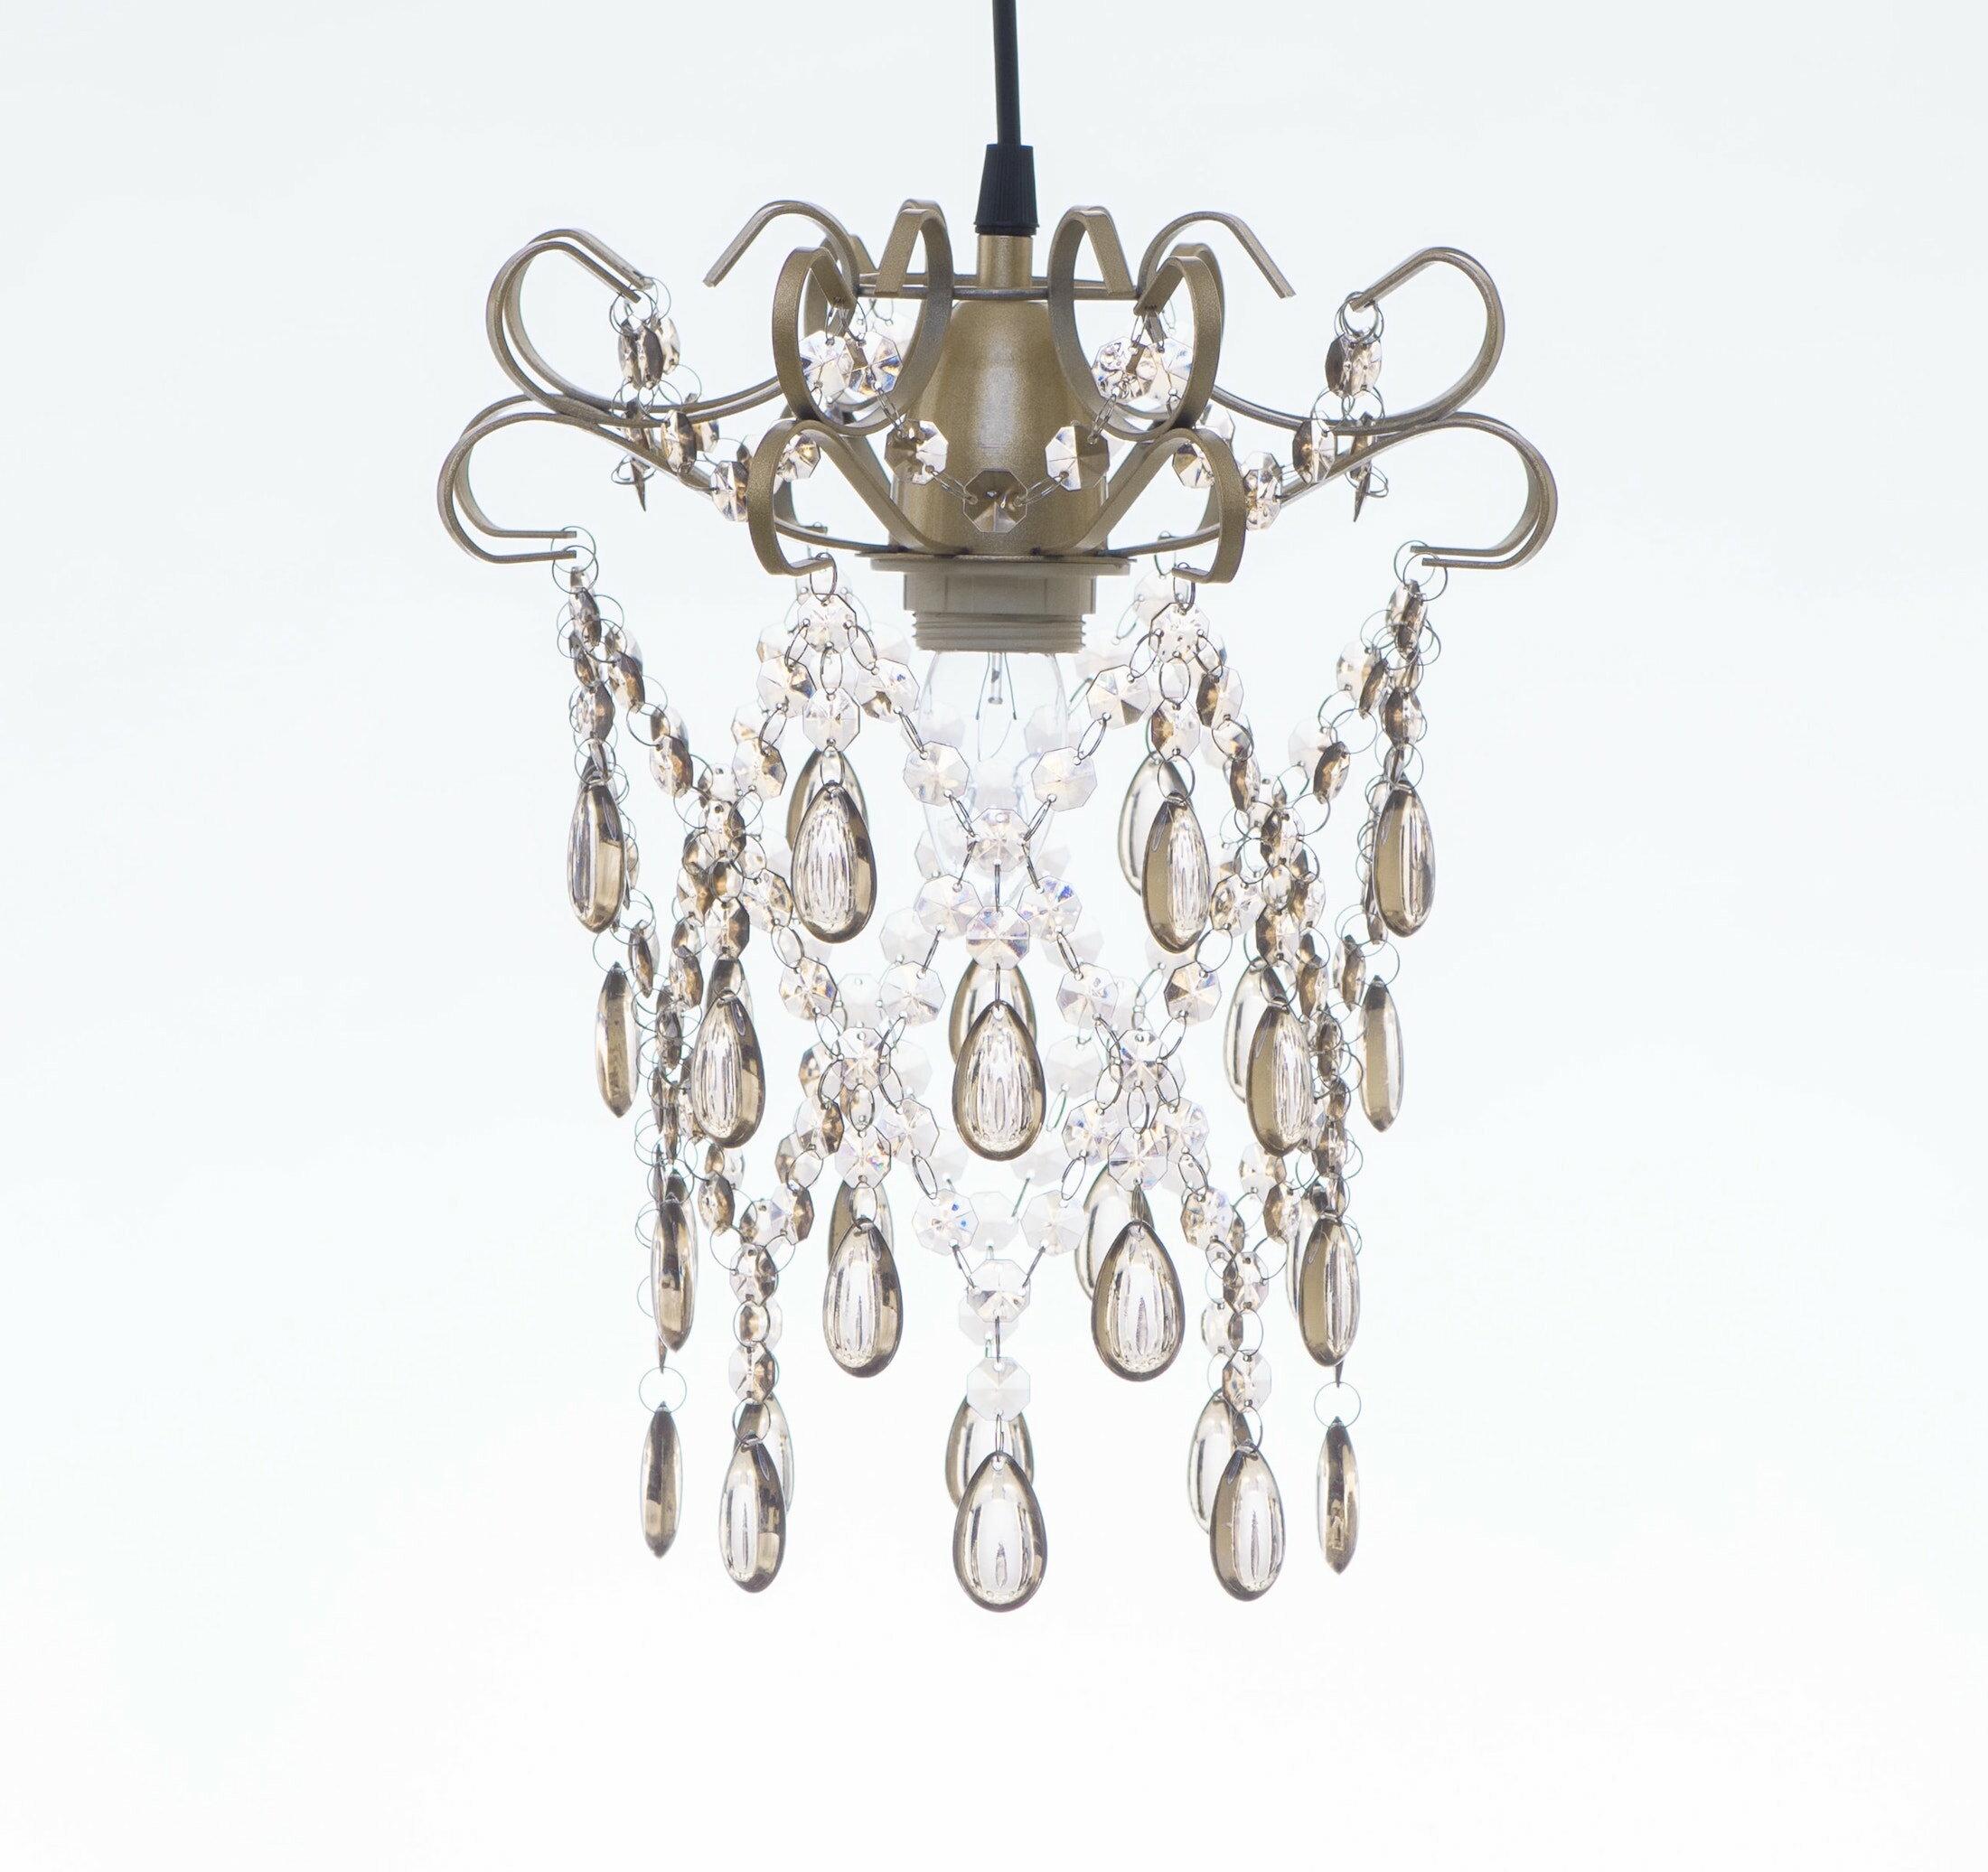 玫瑰金扁鐵框壓克力珠吊燈-BNL00049 0